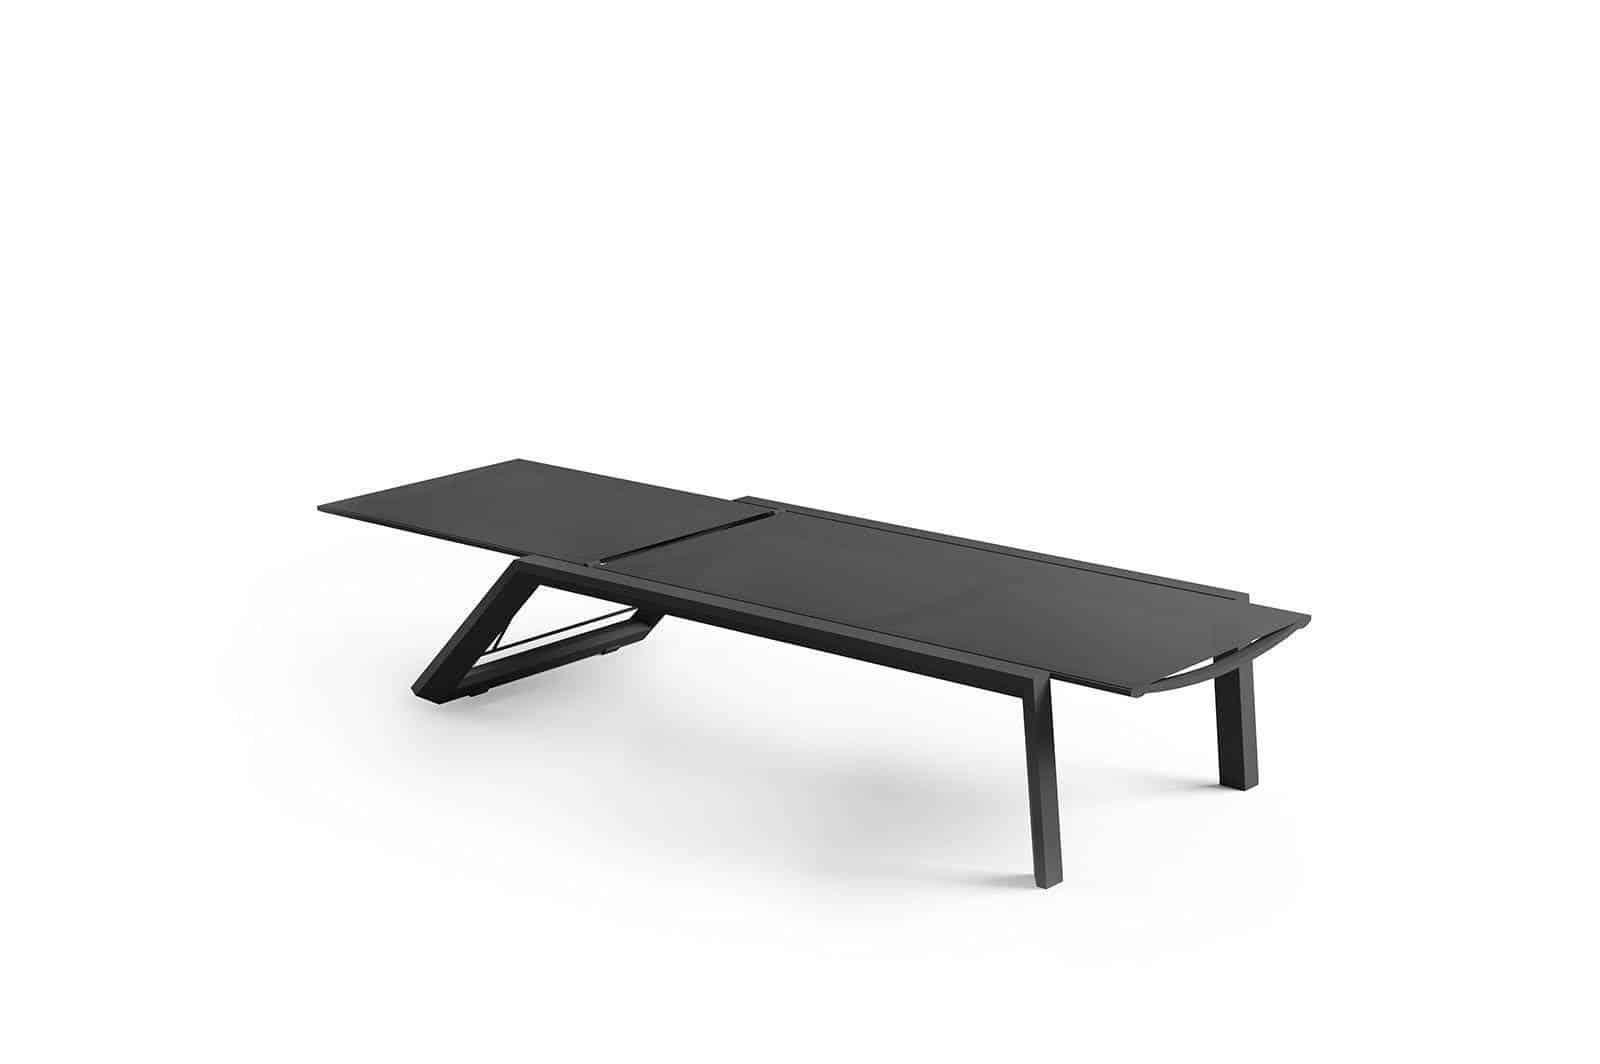 Leżak MURCIA ze stolikiem GRENADA antracite